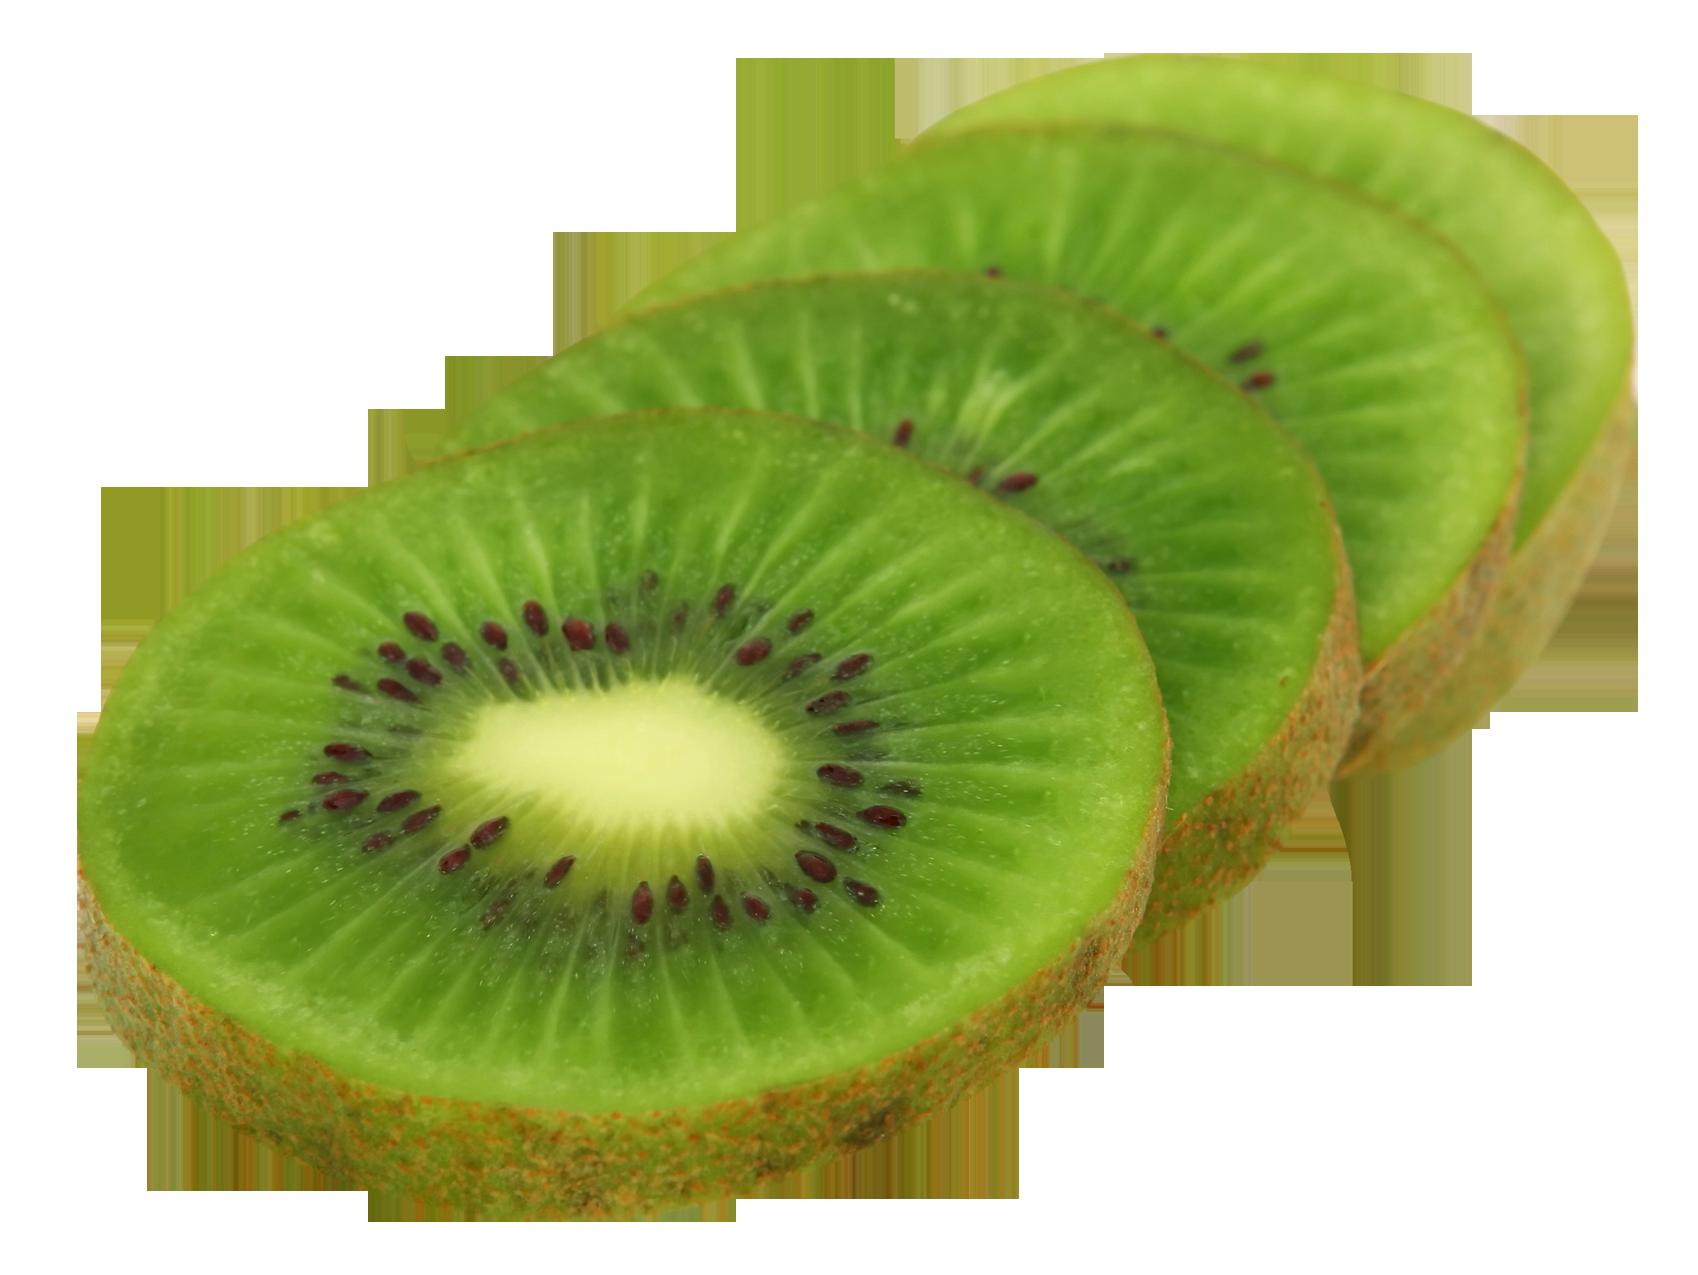 Kiwi Slice PNG - 44559